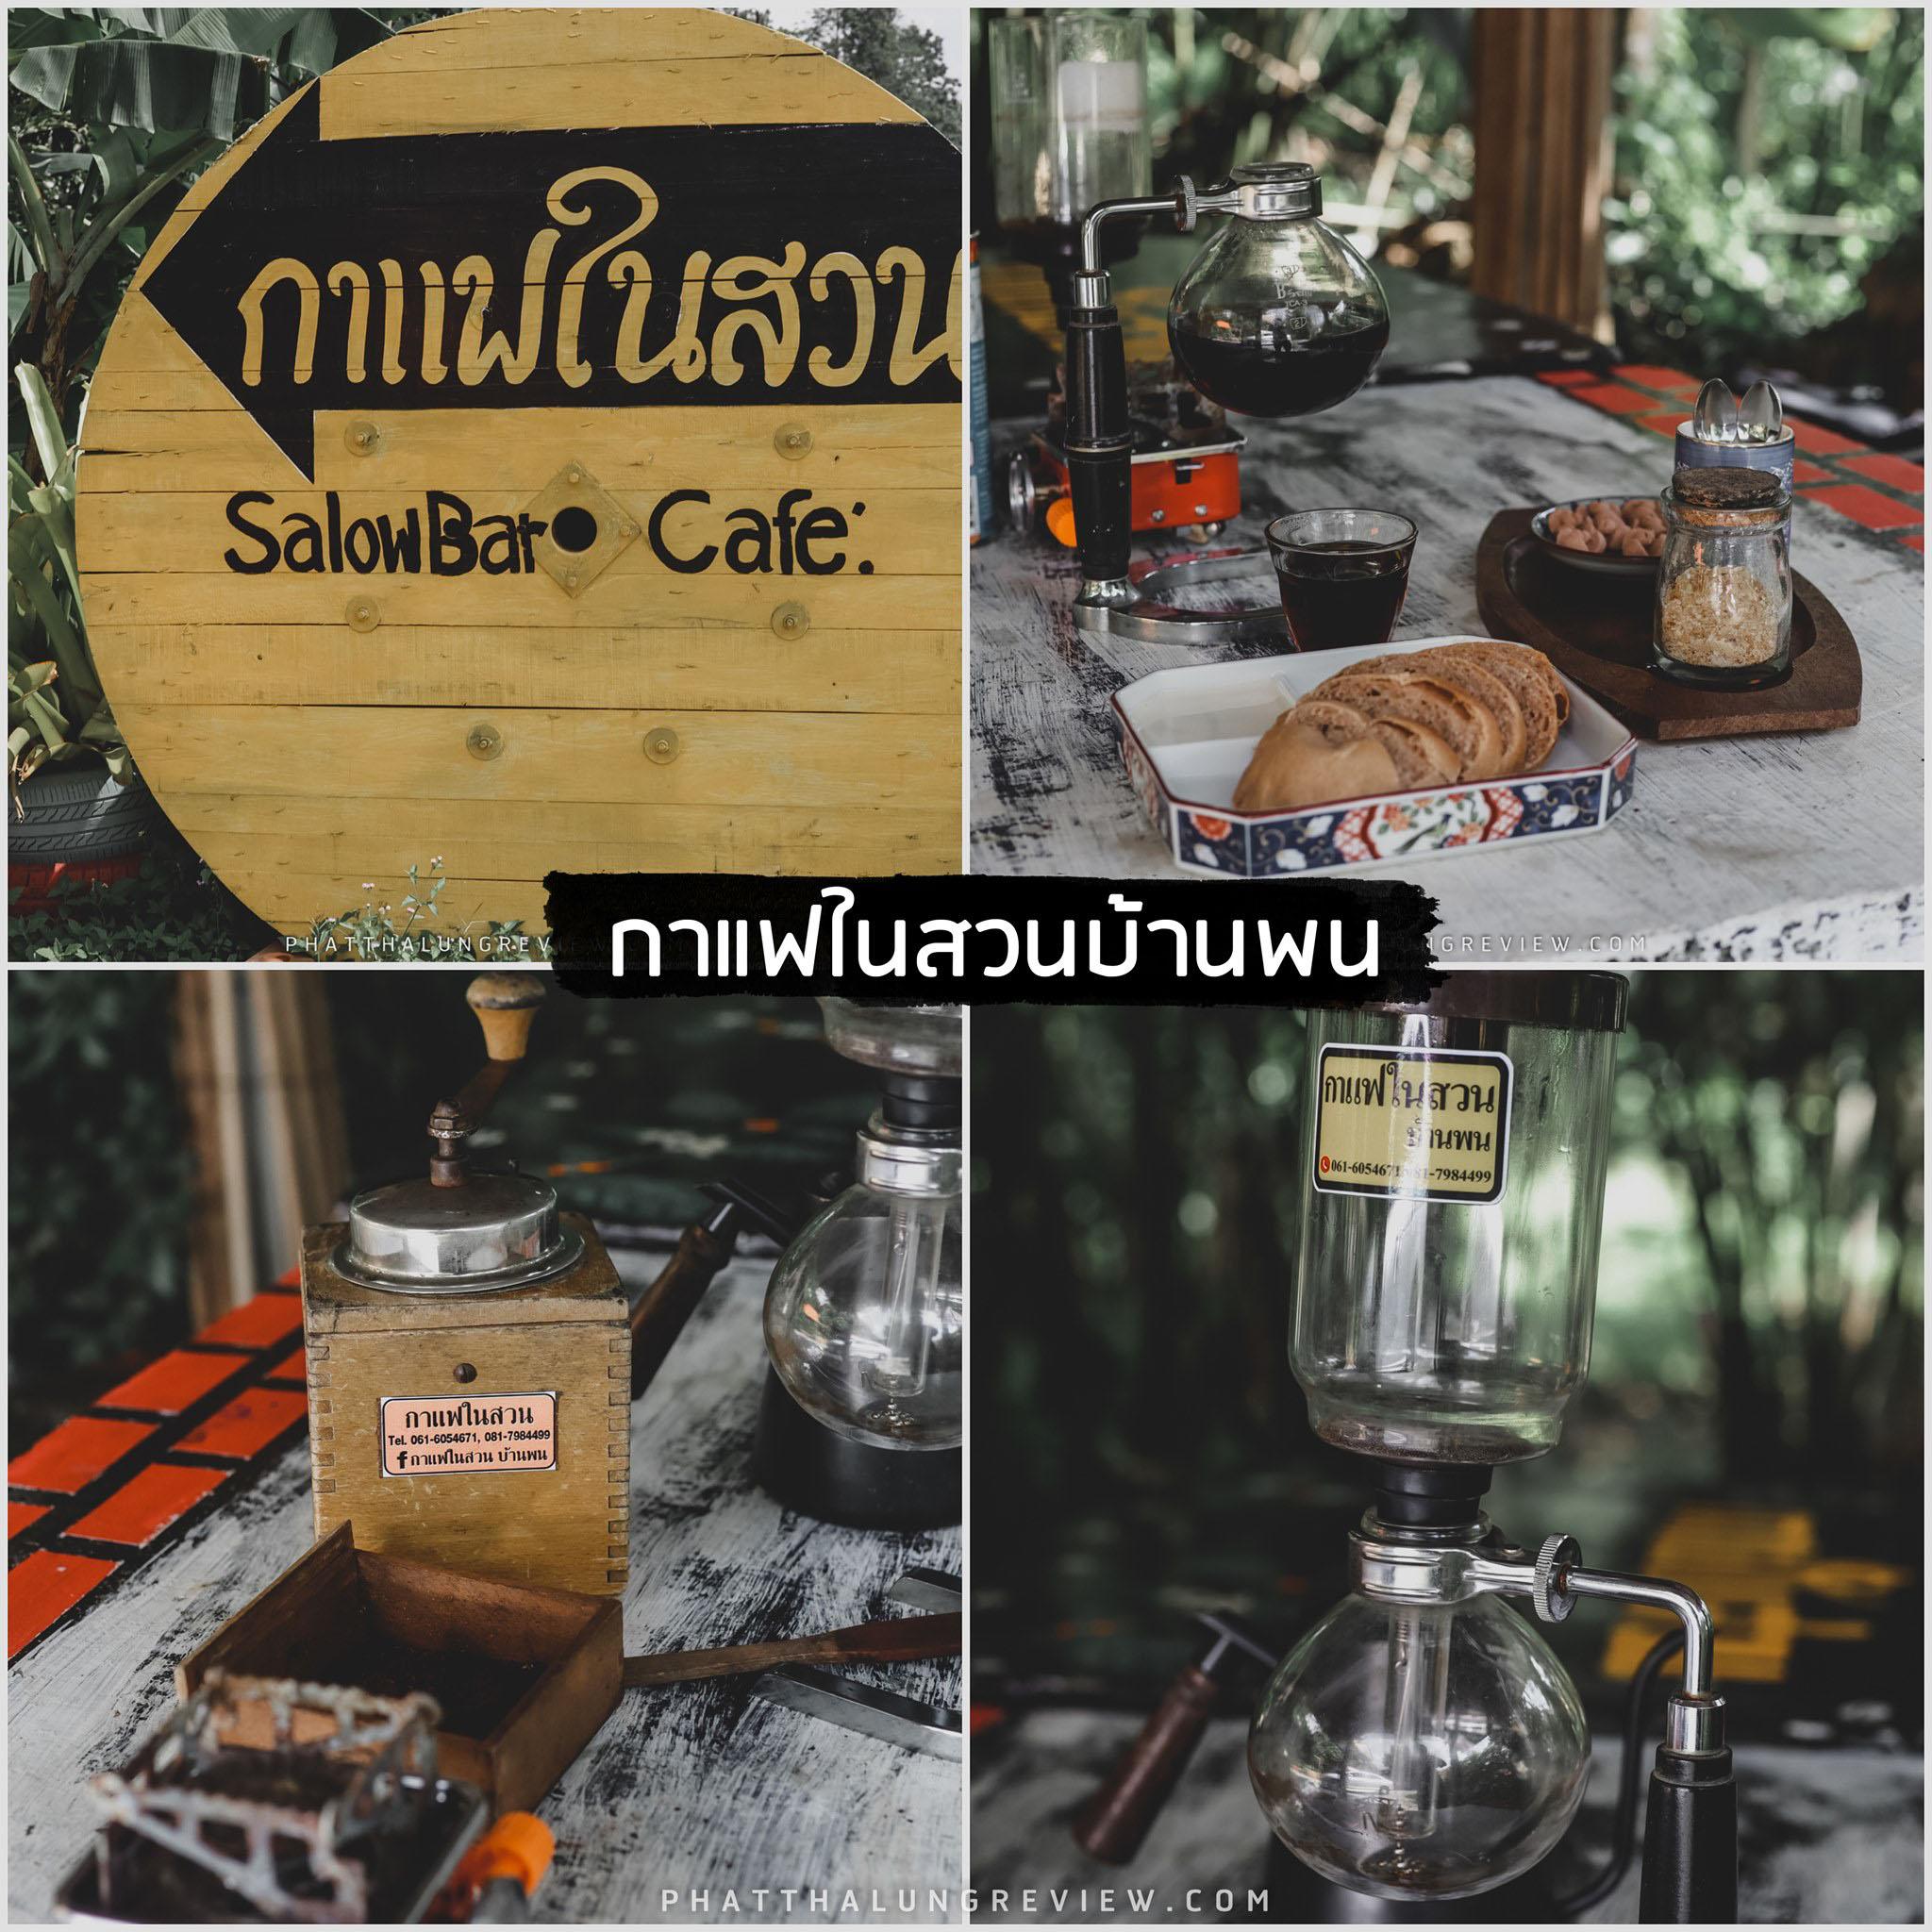 กาแฟในสวน บ้านพน พัทลุง บอกเลยที่นี่บรรยากาศ ฟิลลิ่ง 10/10 คอนเซปคือกาแฟแบบบ้านญาติ สามารถสั่งกาแฟแล้วเดินชิวในสวน (พื้นที่กว้างมาก) ภายในมีผลไม้หลายชนิดสามารถเก็บกินได้ฟรีจากต้นเลย และสามารถนำเต๊นท์มาจัด camping ได้ด้วยนะครับ ดีย์จริง กาแฟในสวน บ้านพน คลิกที่นี่พัทลุง,ที่เที่ยว,จุดเช็คอิน,คาเฟ่,ของกิน,ที่พัก,รีสอร์ท